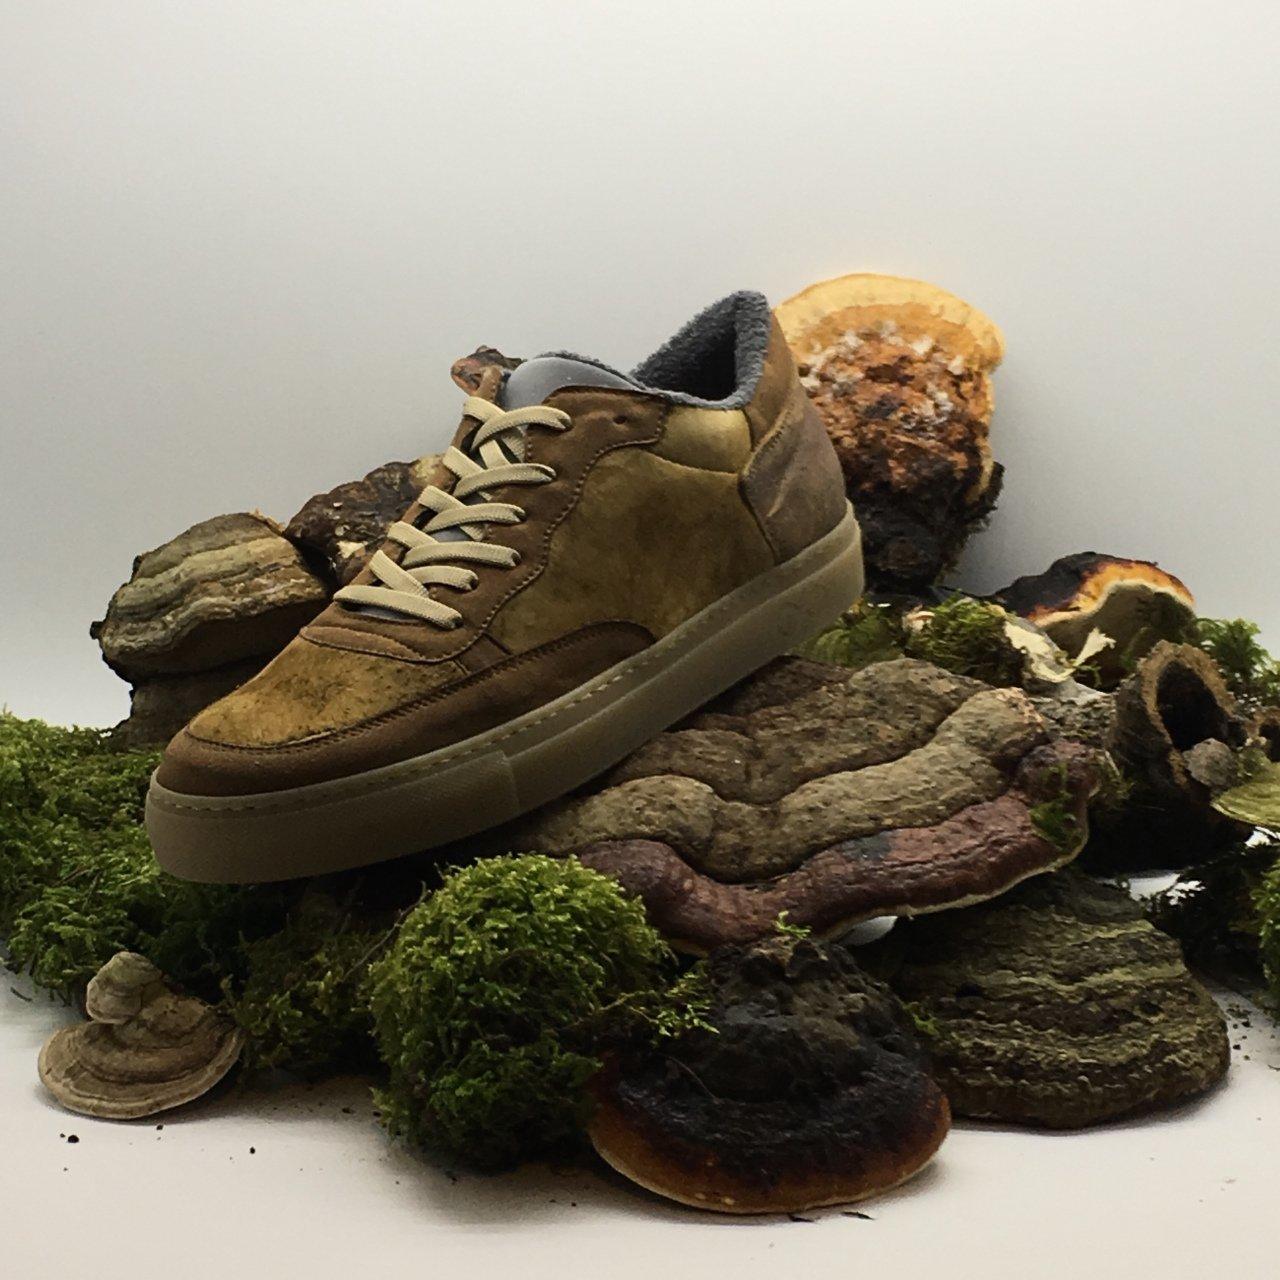 Mantardan Üretilen Vegan Ayakkabı: nat-2 Funghi Line